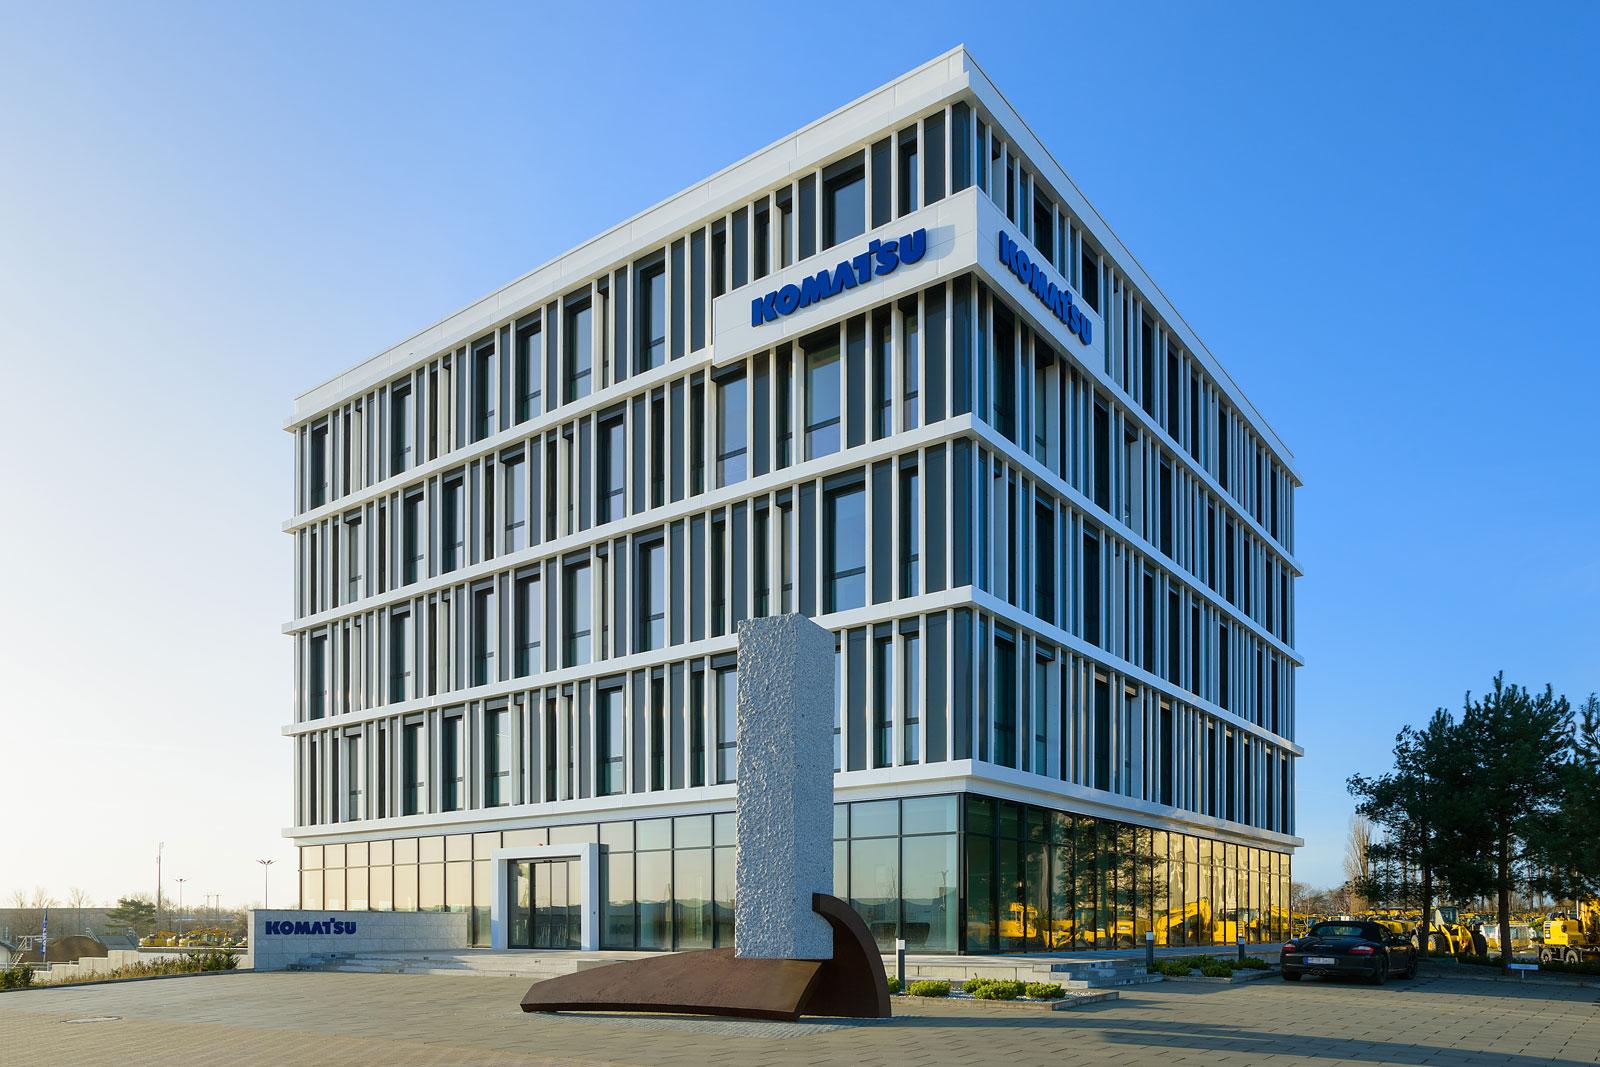 htm.a BIM Building Information Modeling buildingSMART